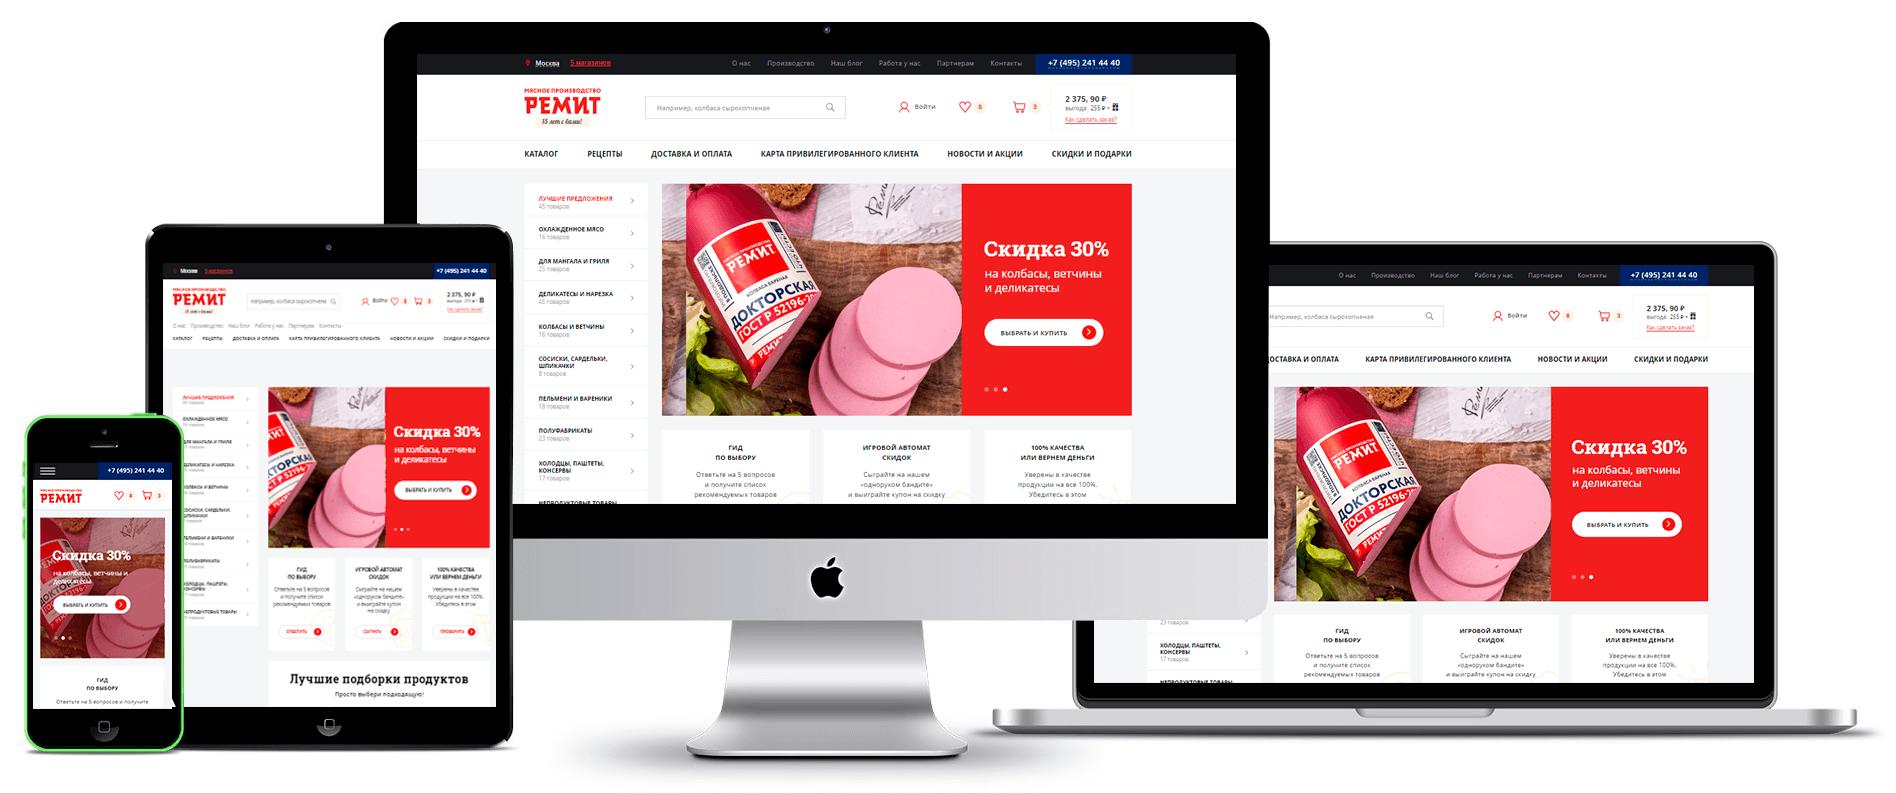 Кейс: верстка интернет-магазин Kupiremit